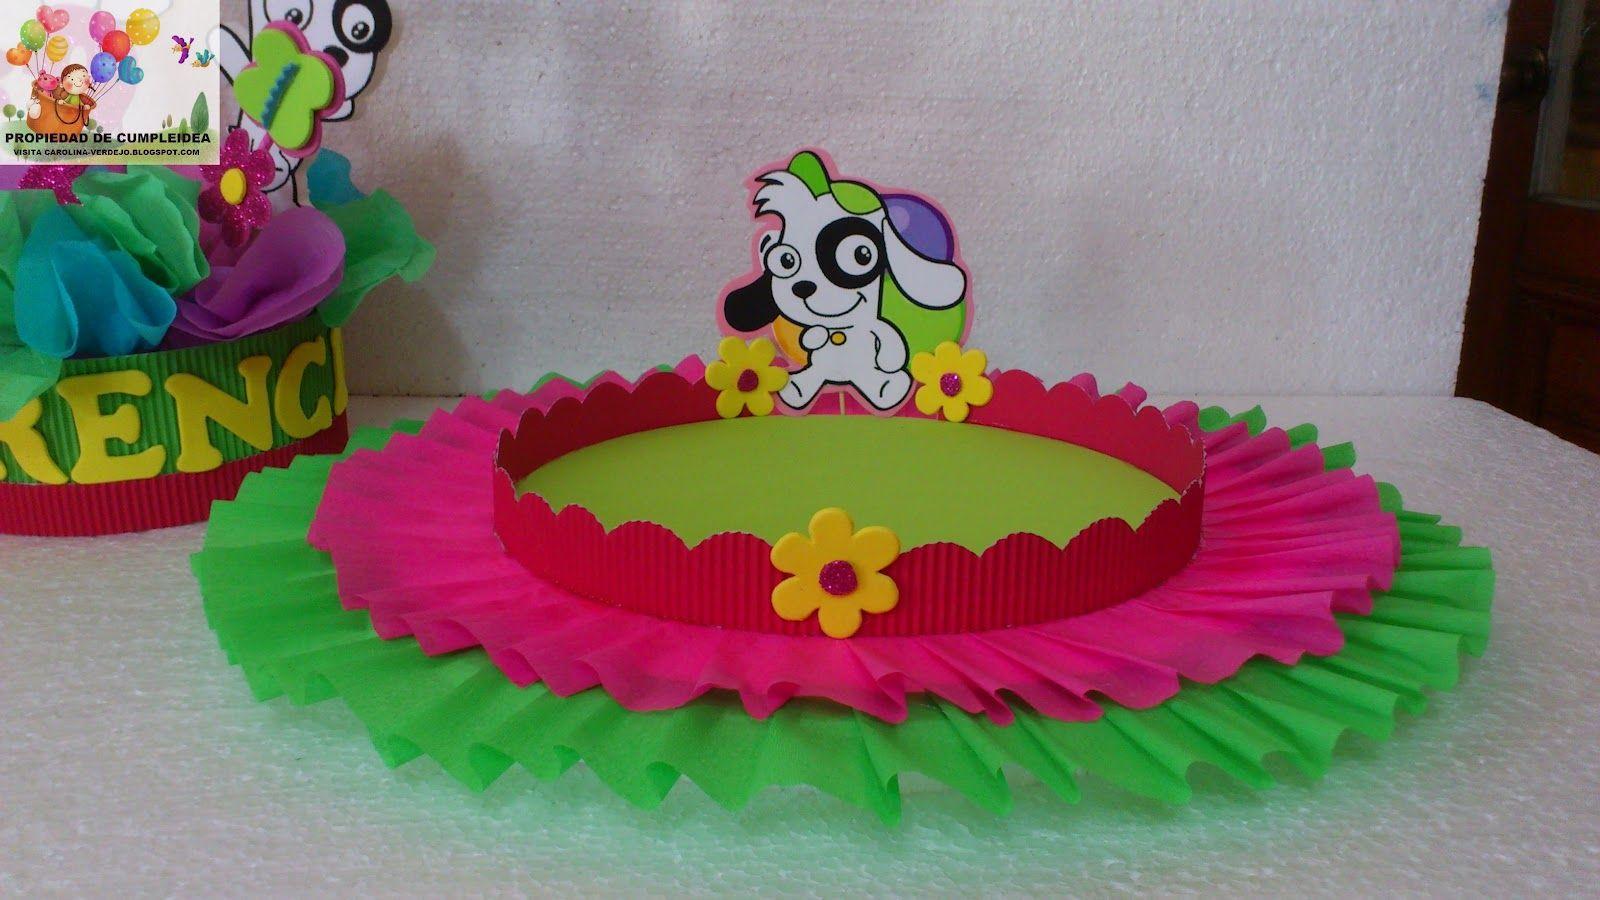 bandejas decoradas para fiestas infantiles Buscar con Google